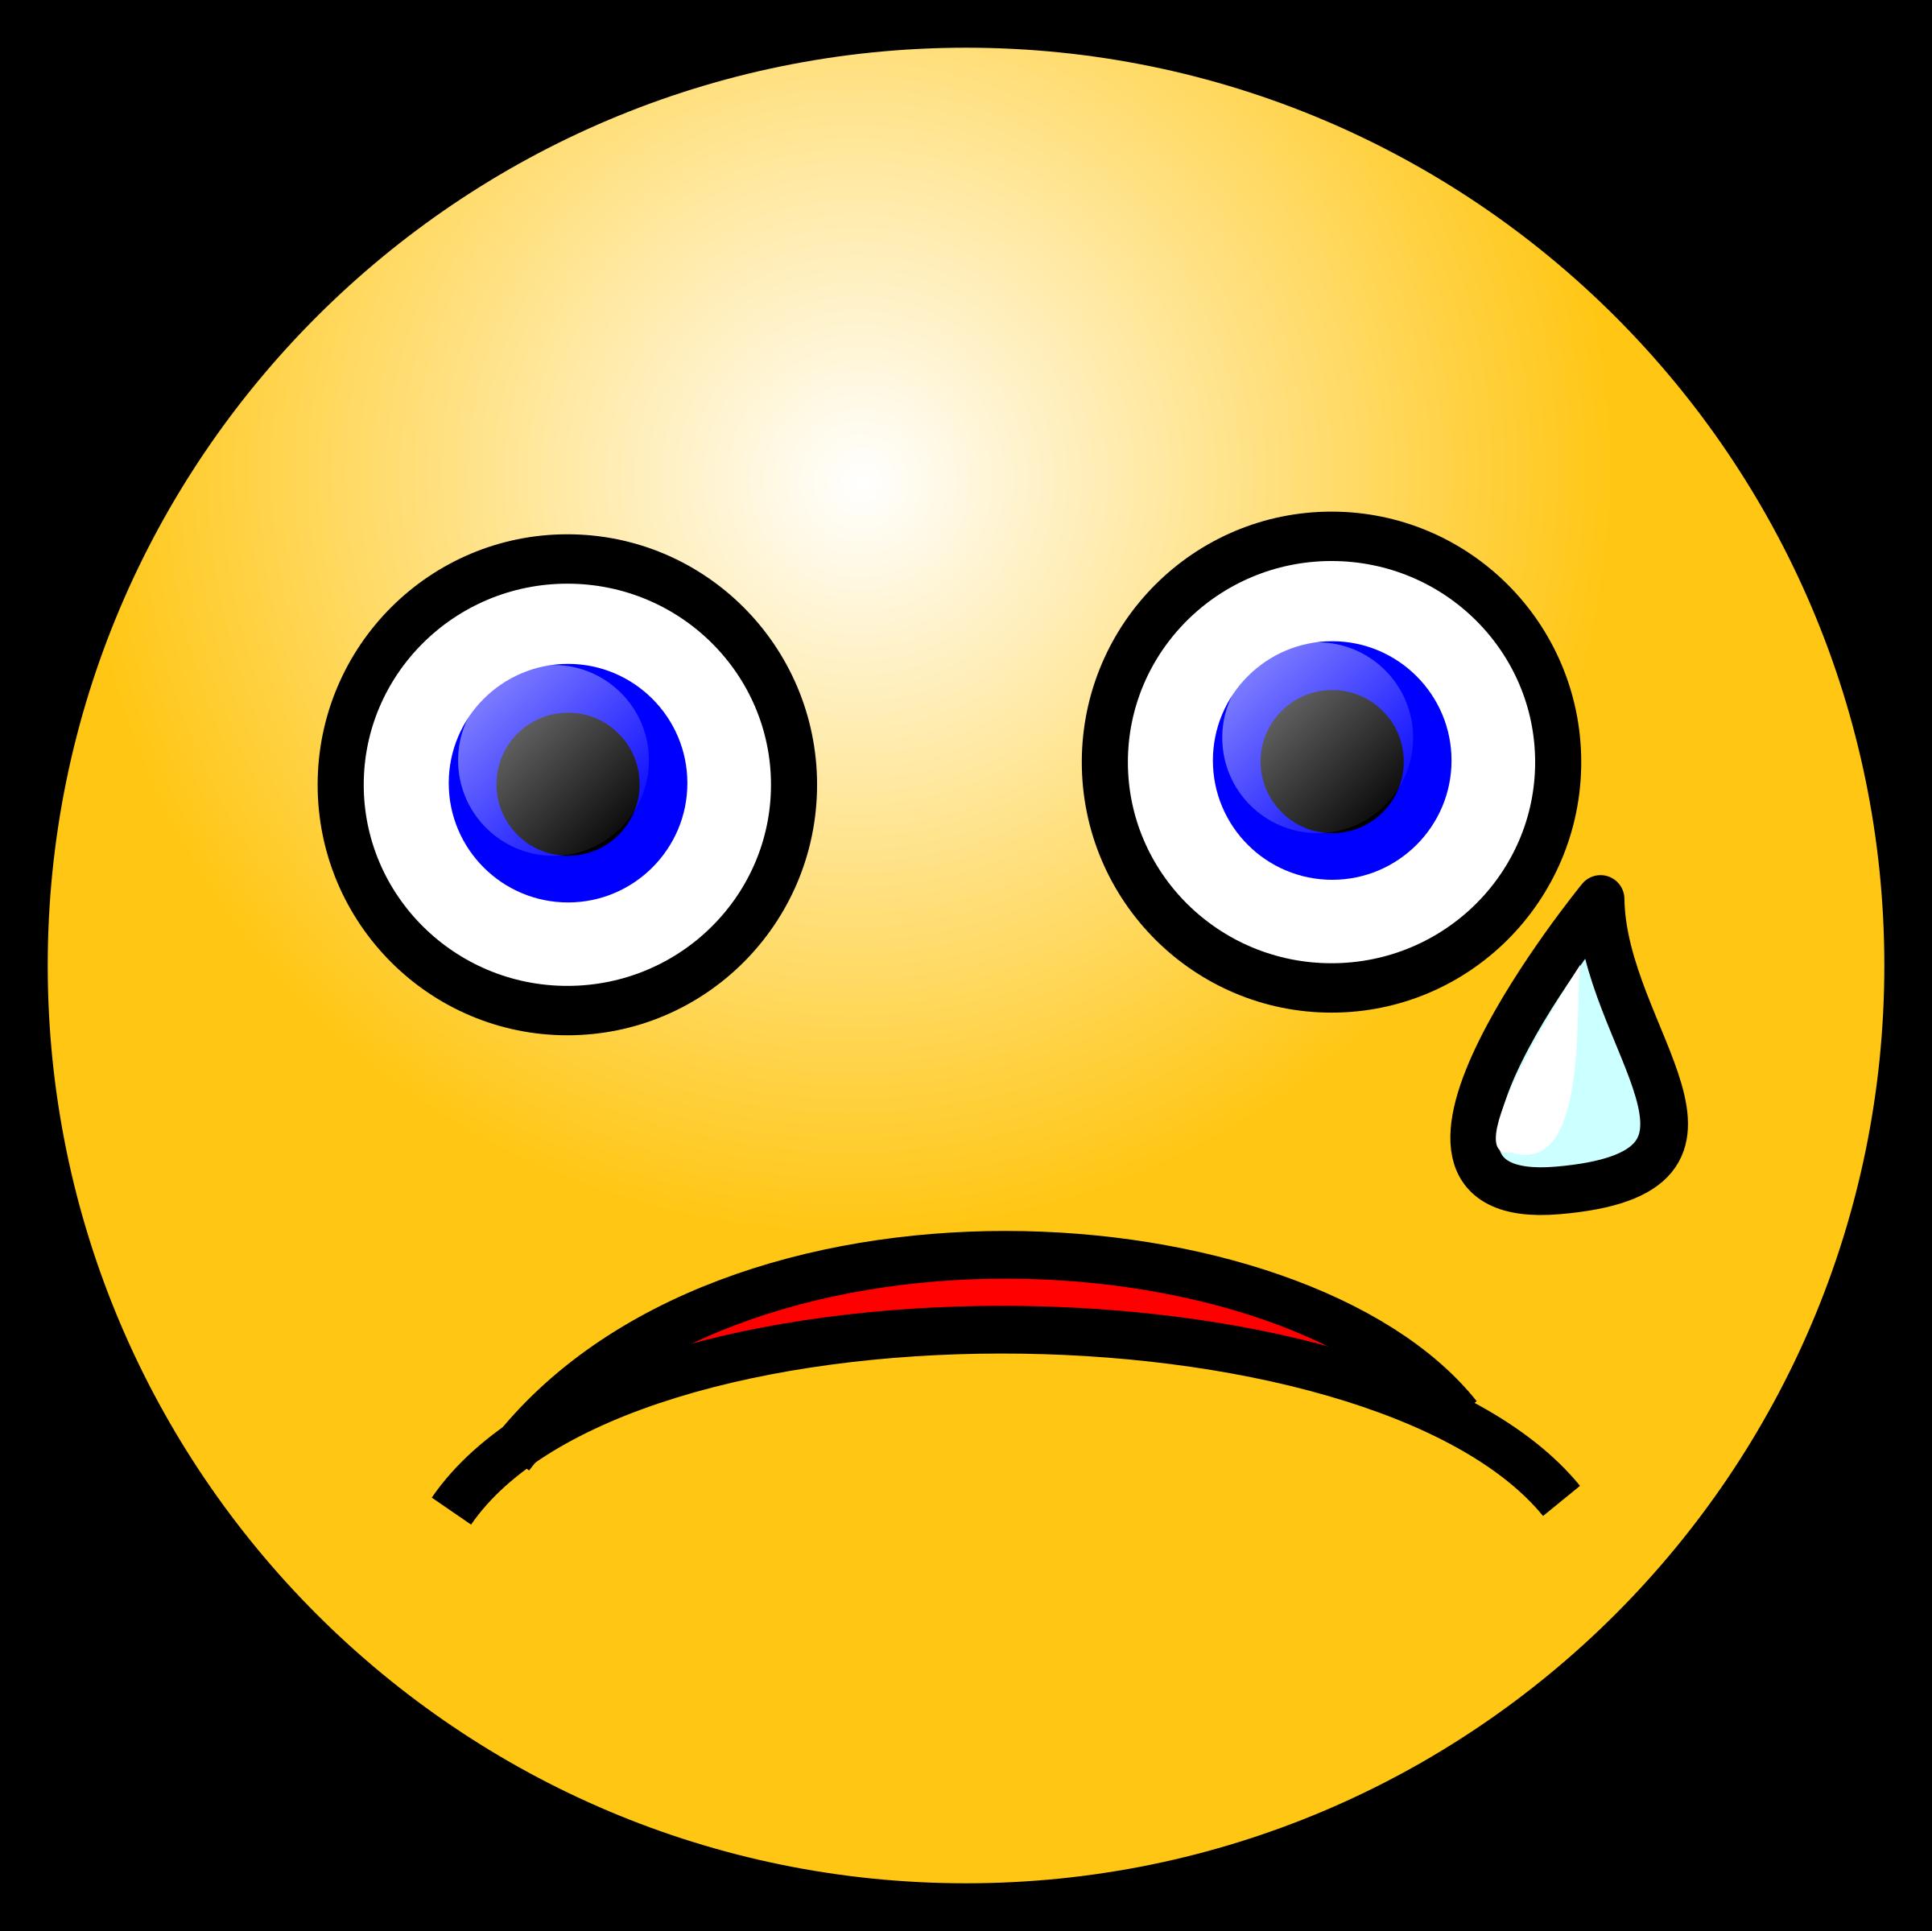 Emoticons: Crying face by nicubunu